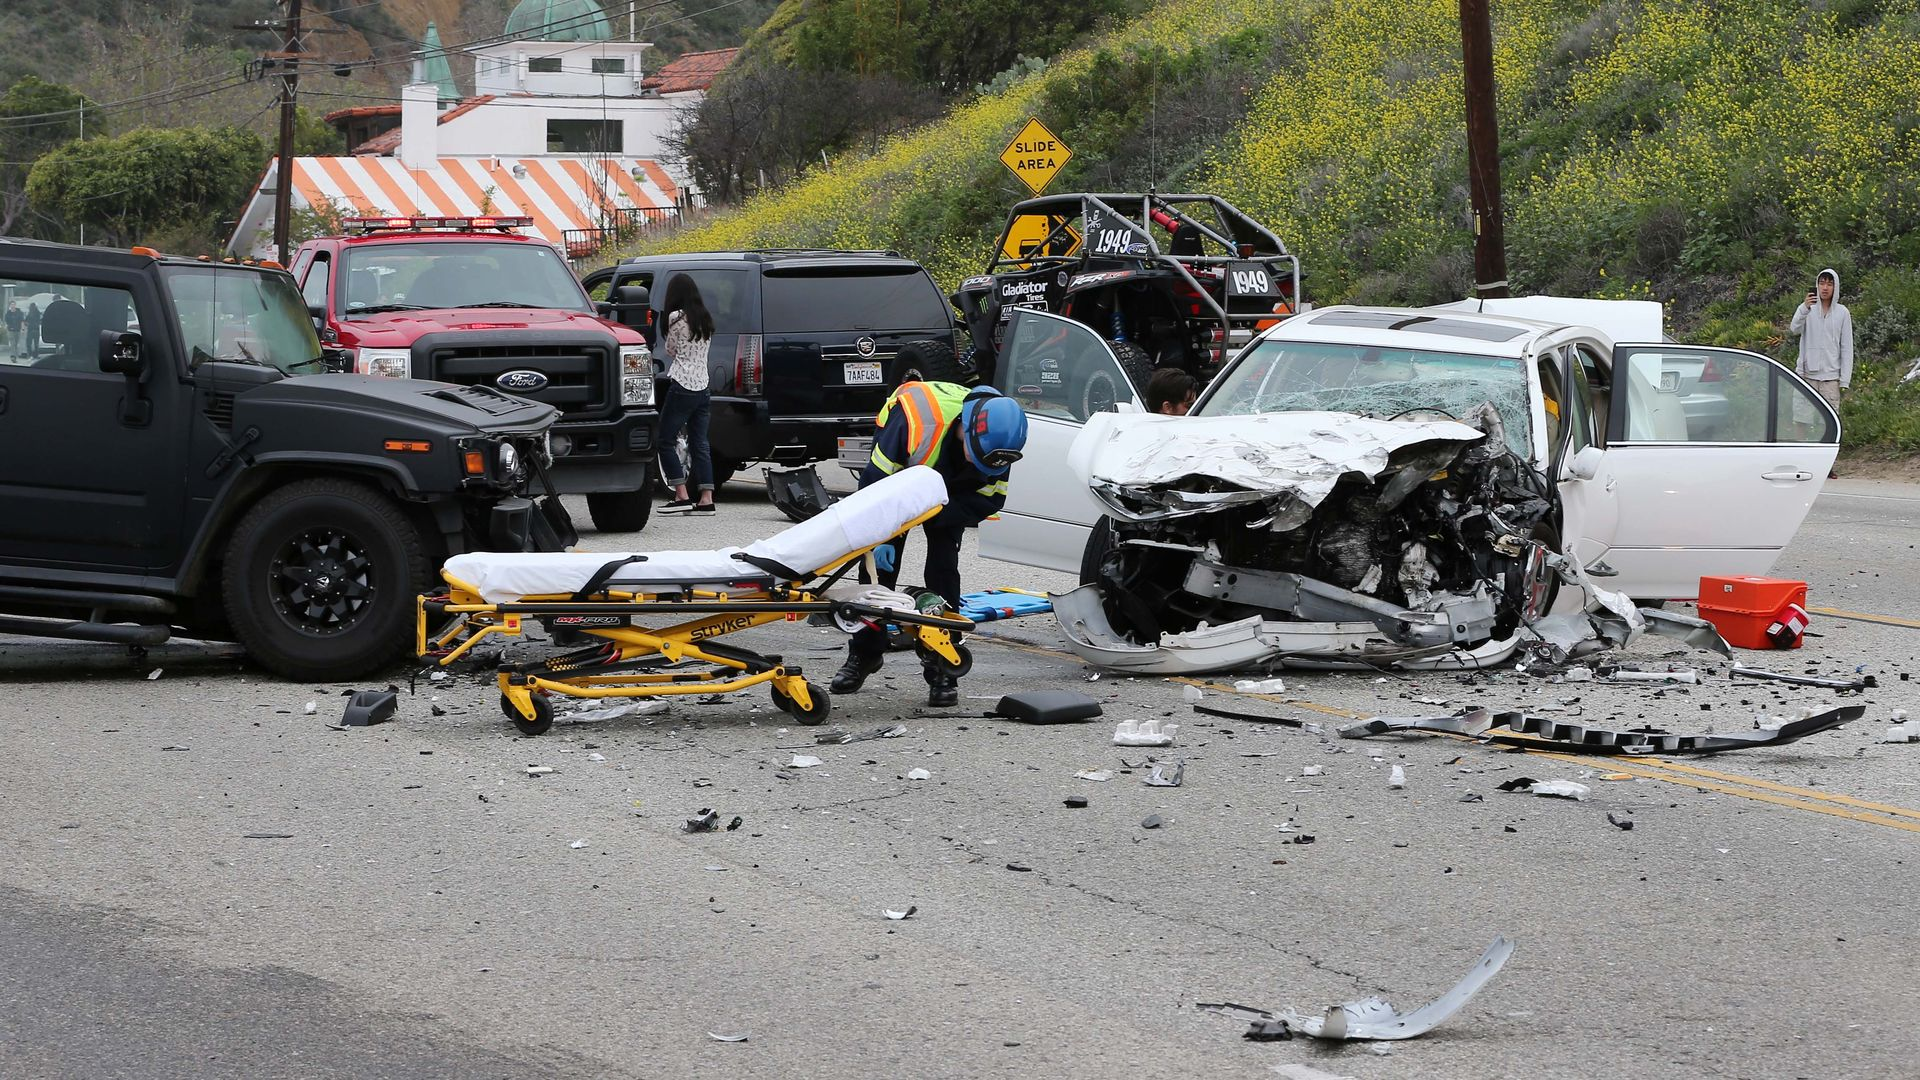 Autounfall 2015: Caitlyn Jenner zahlt 800.000 $ an Familie ...